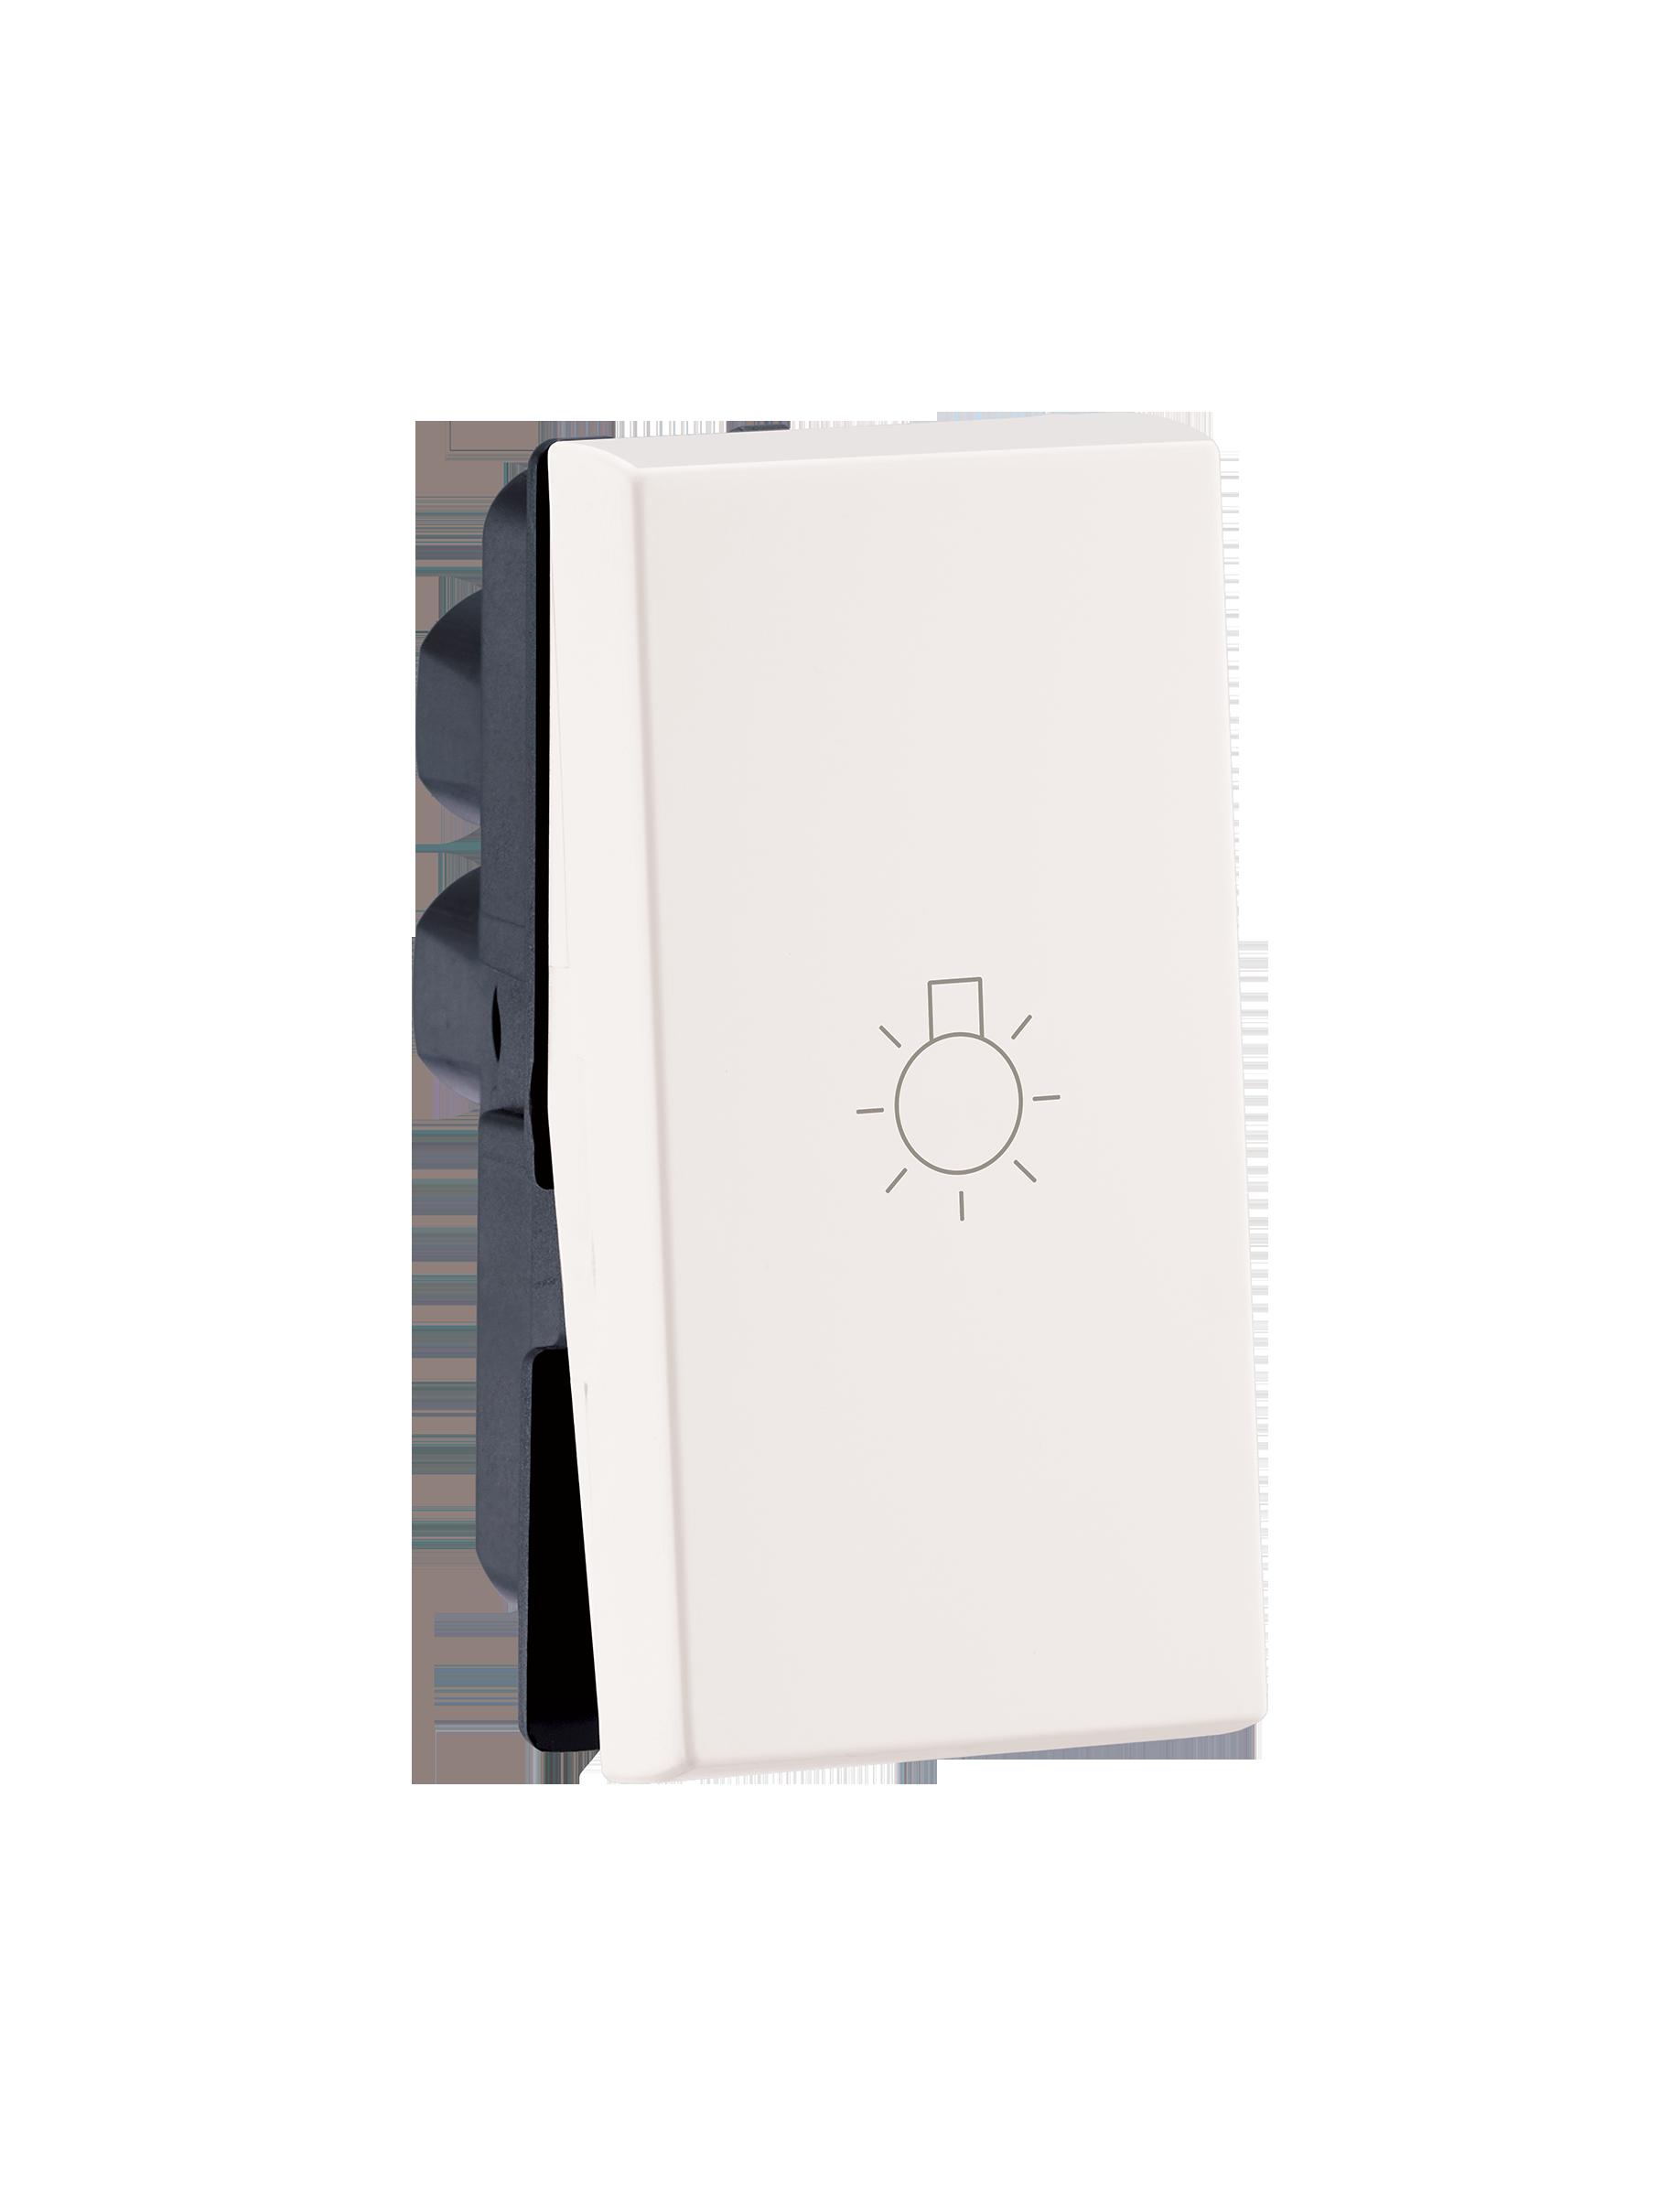 Myrius Nextgen 6A Switch 1 Way 1M Light Marking White